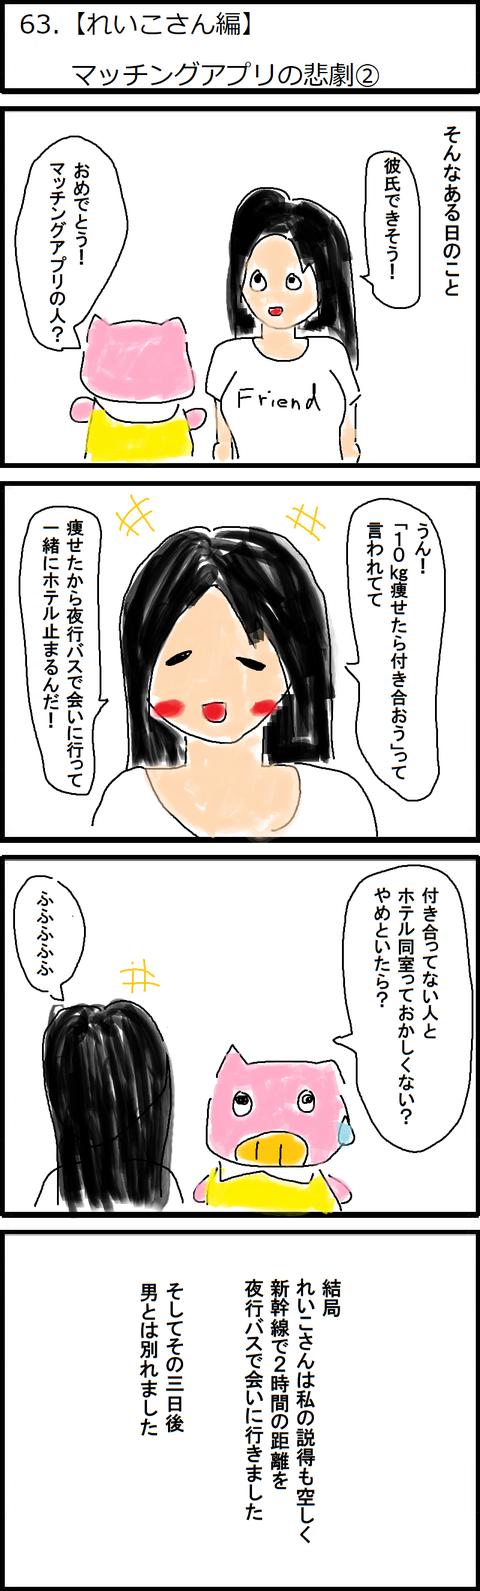 63.【れいこさん編】マッチングアプリの悲劇②